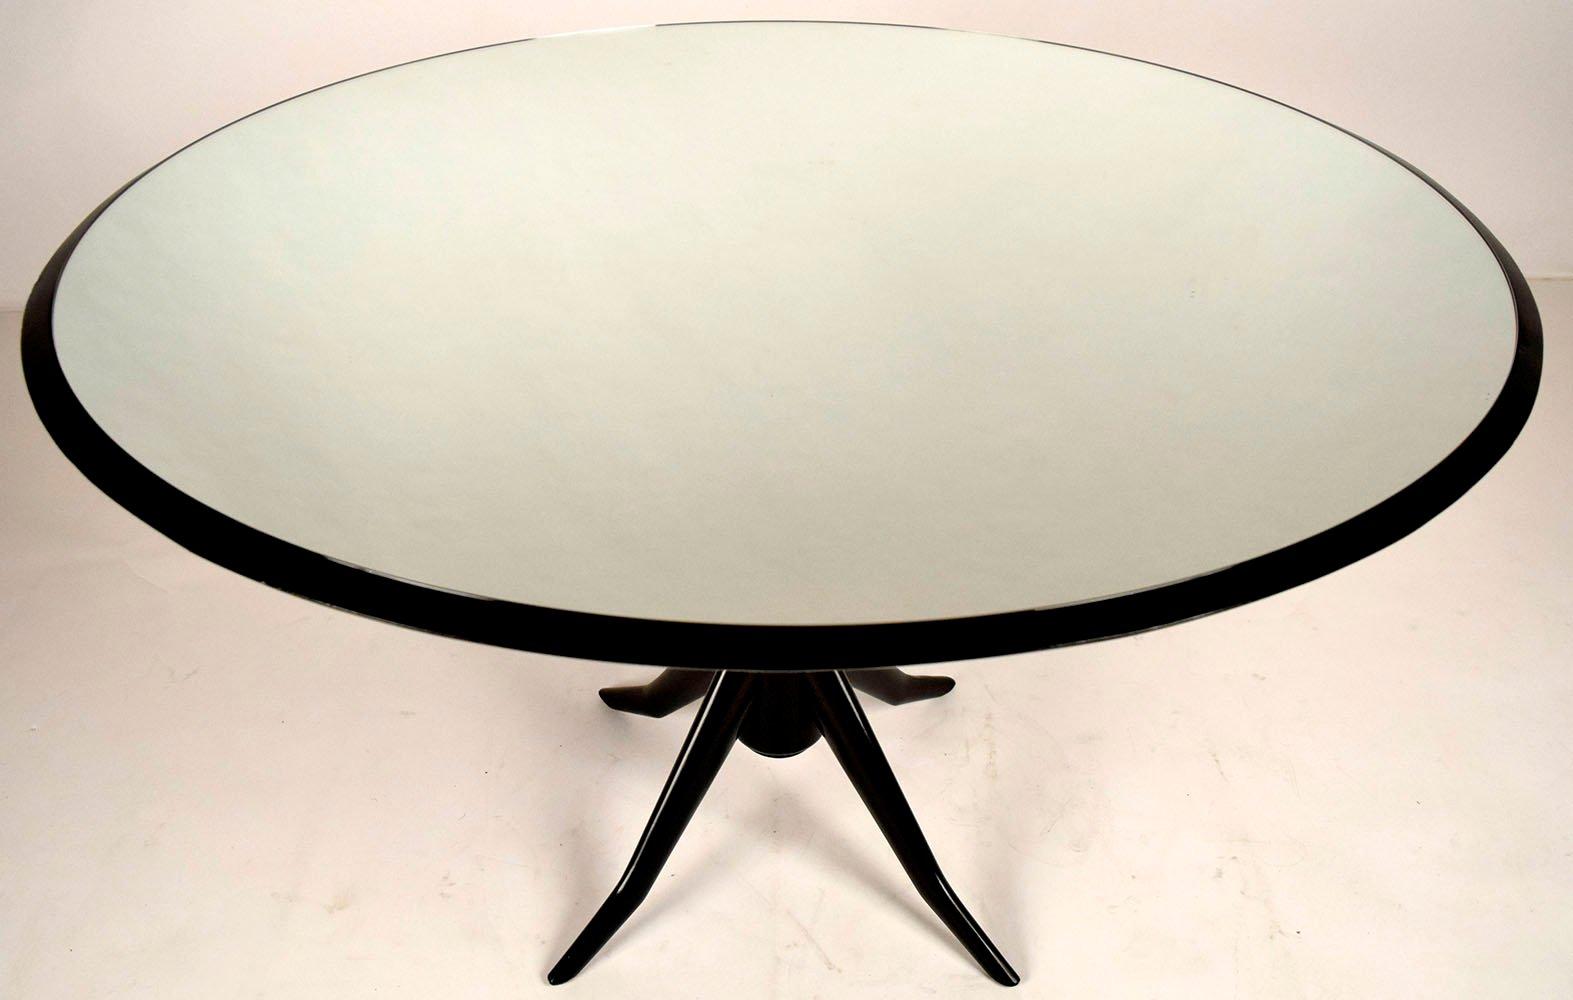 Tavolo Da Pranzo Rotondo : Tavolo da pranzo rotondo vintage con ripiano specchiato in vendita